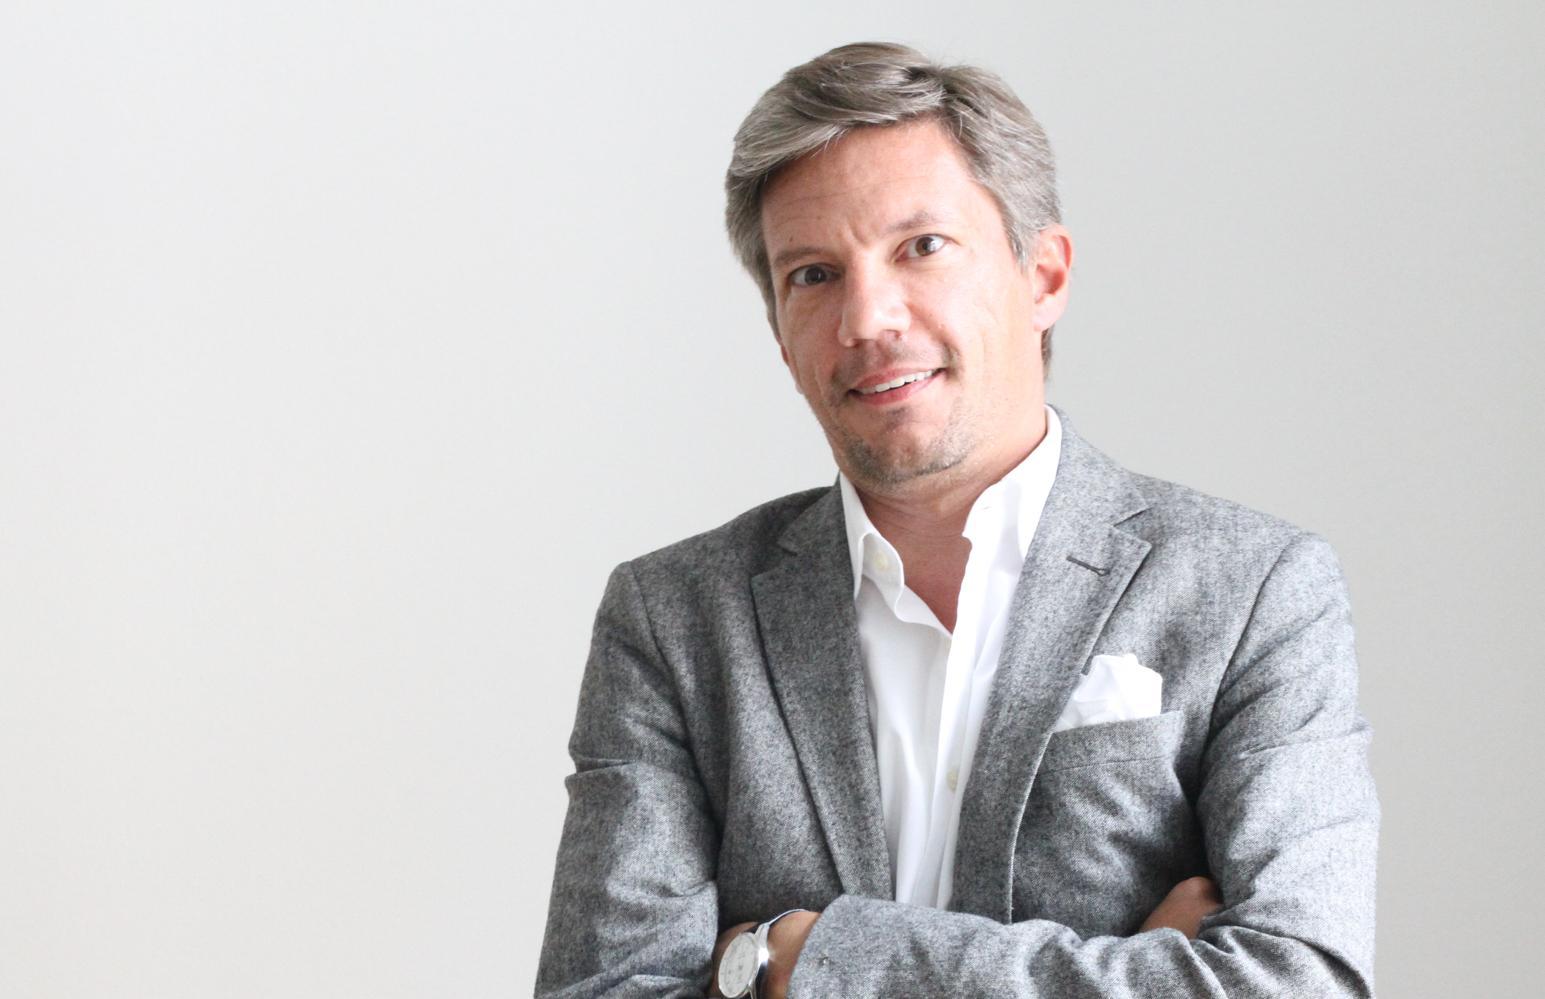 Führungswechsel bei Sensorberg, Michael von Roeder wird neuer CEO